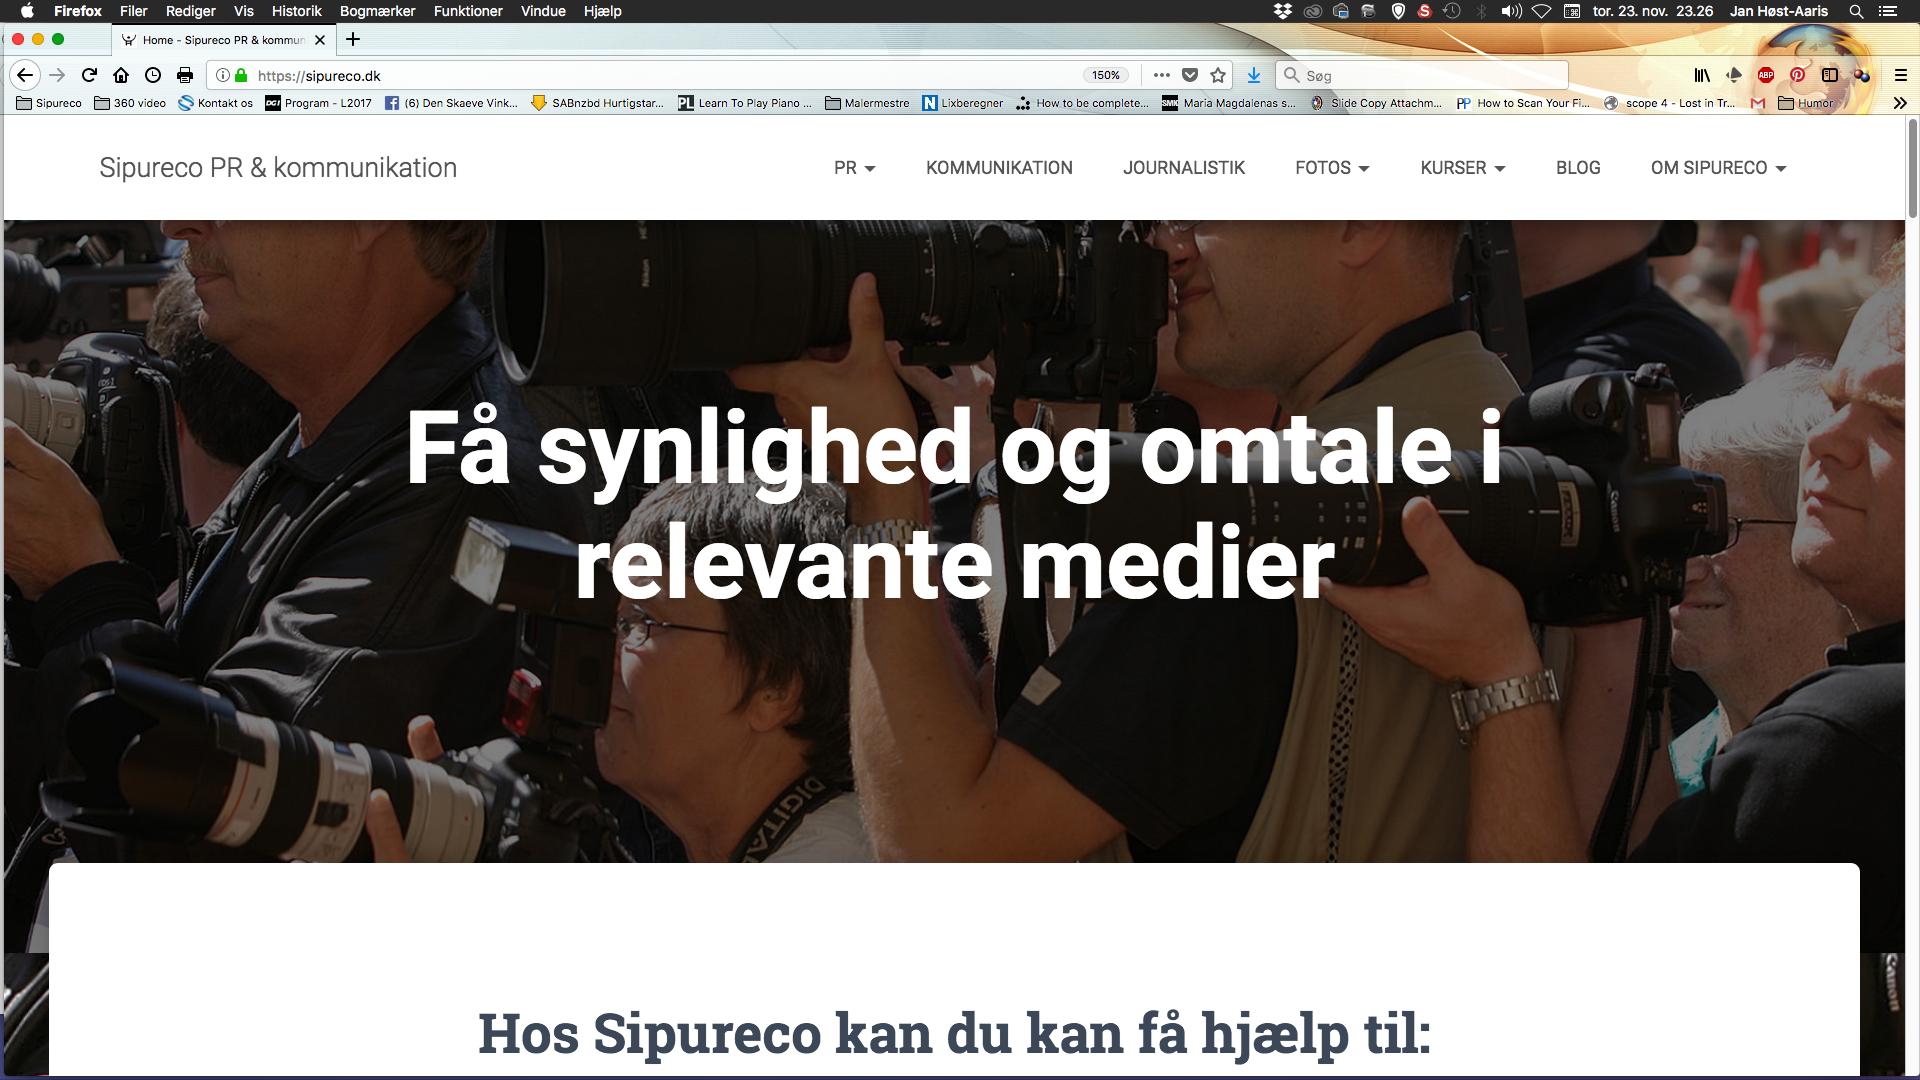 nyt og bedre webdesign og webkommunikation på Sipureco PR & kommunikations hjemmeside. Bureauet ligger i nær Aalborg i Nordjylland